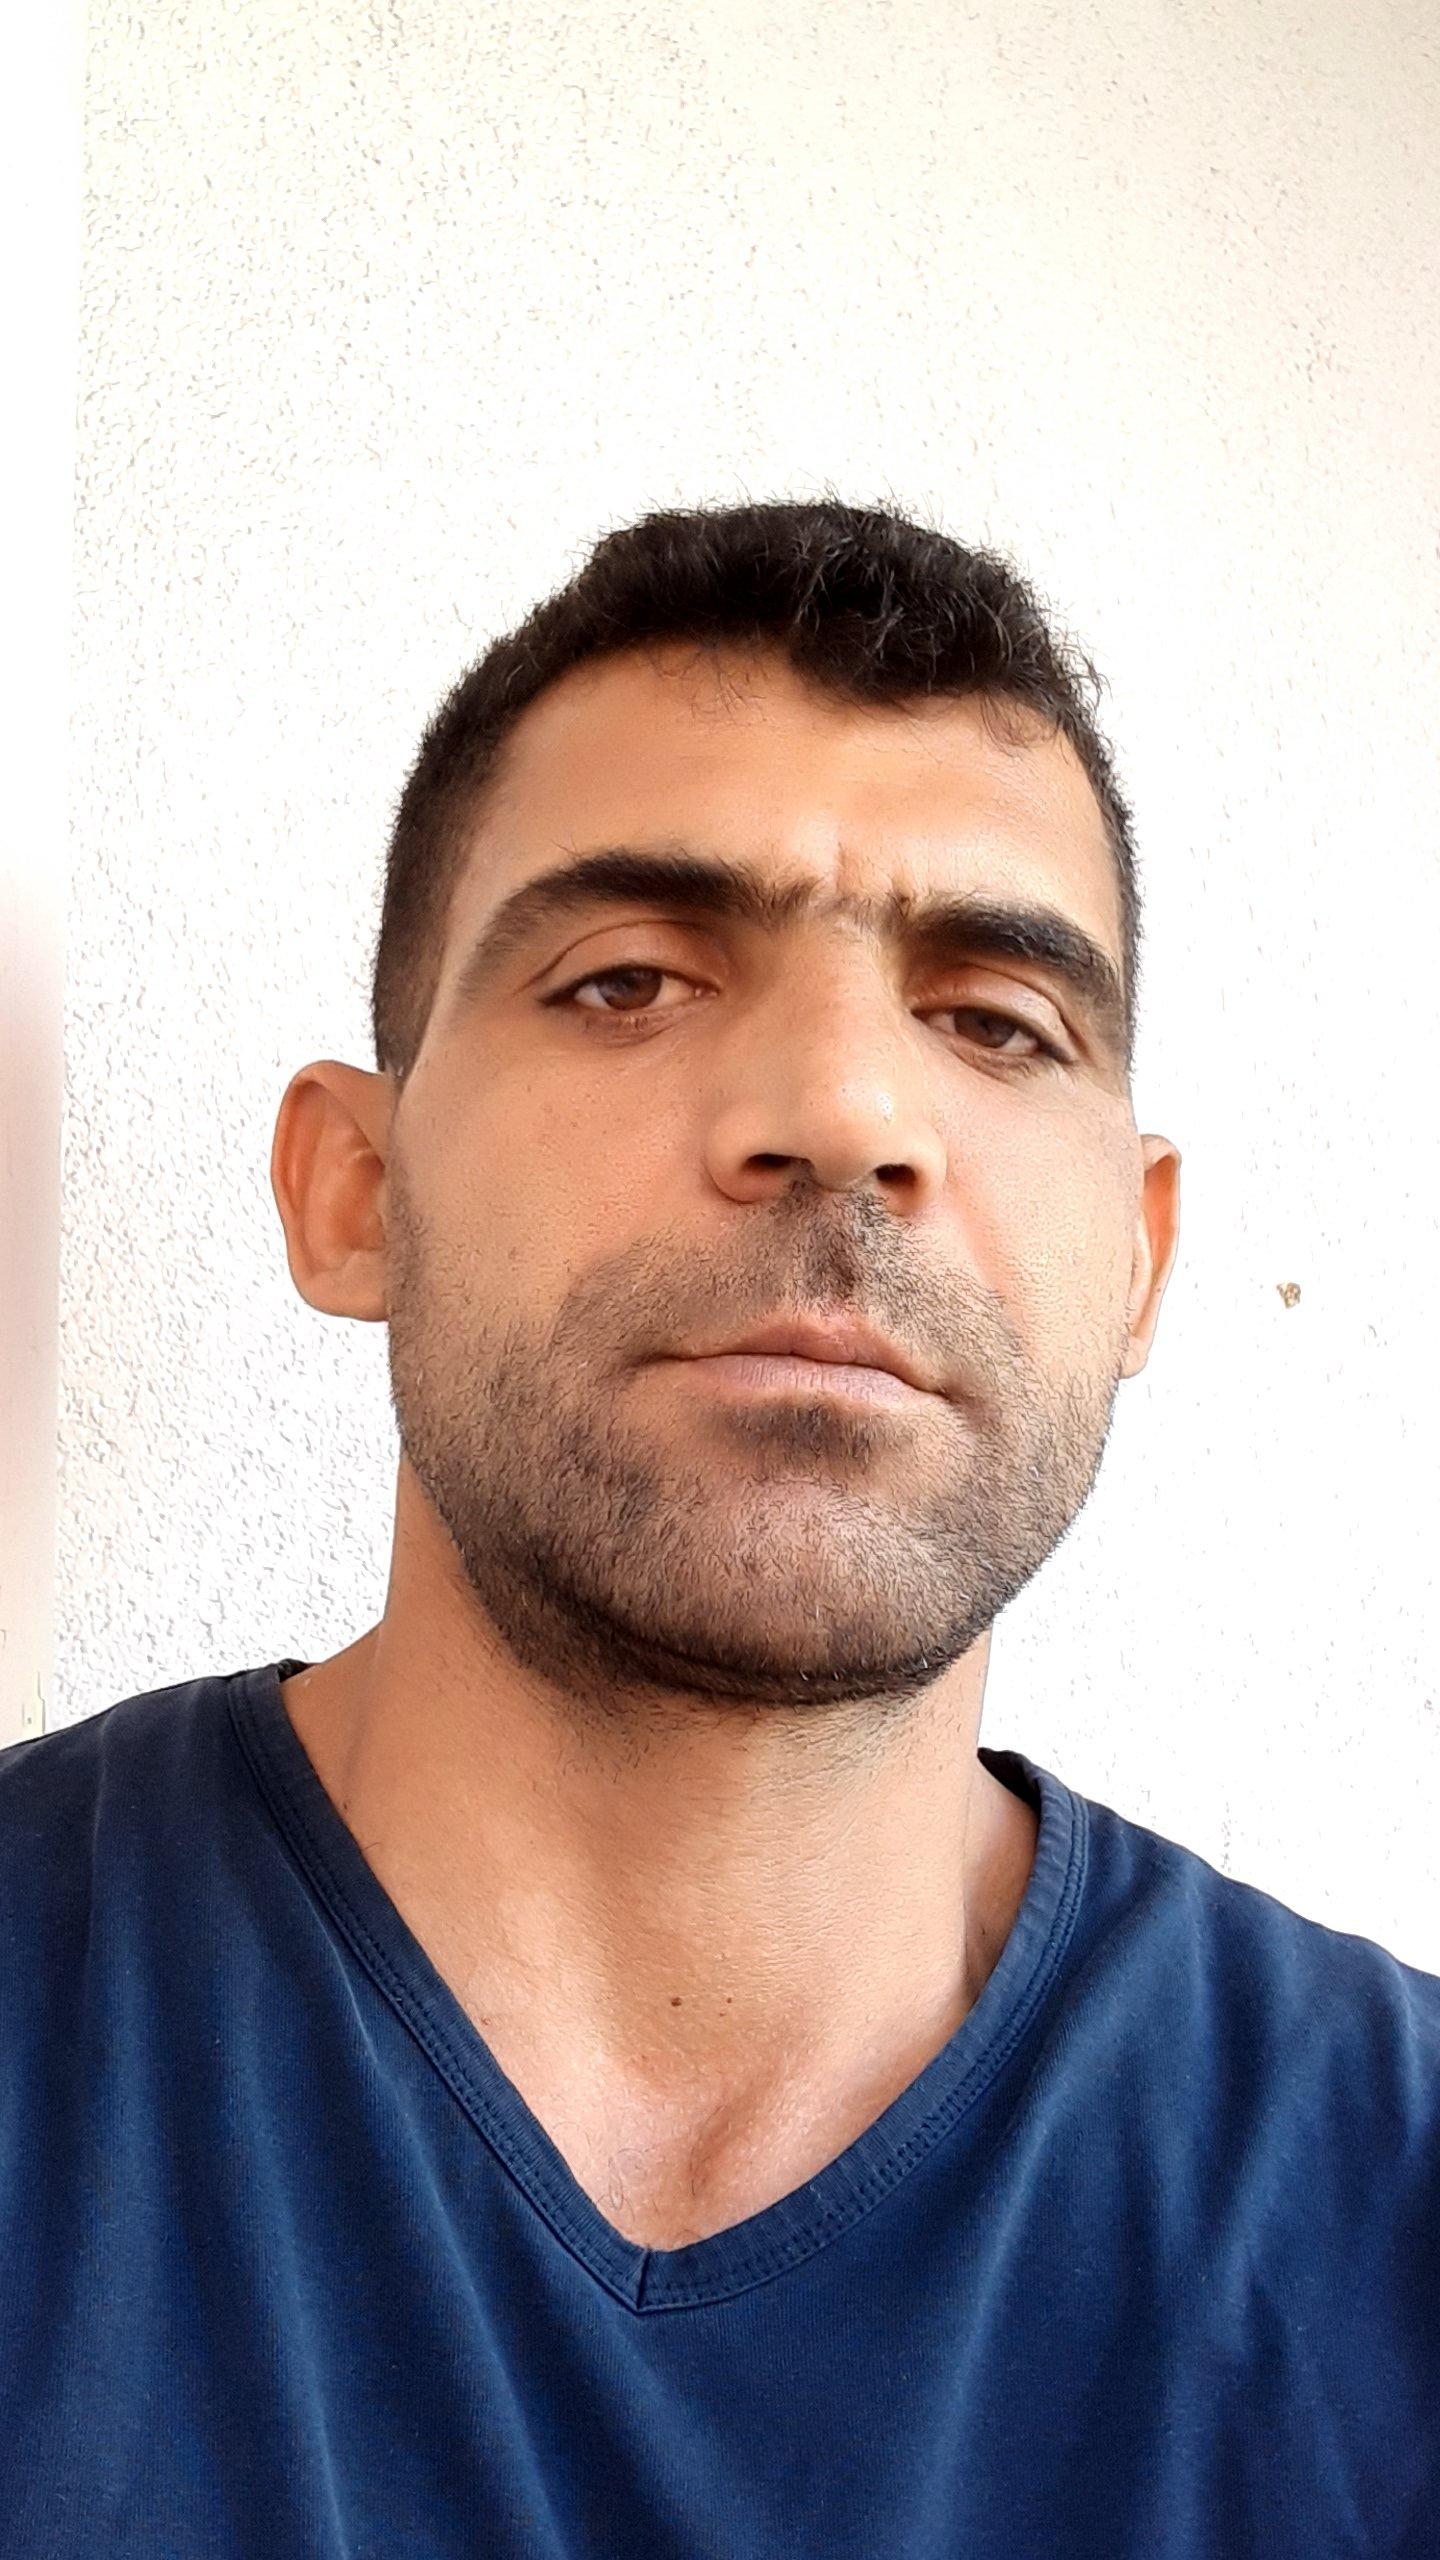 Abdulselam Öget